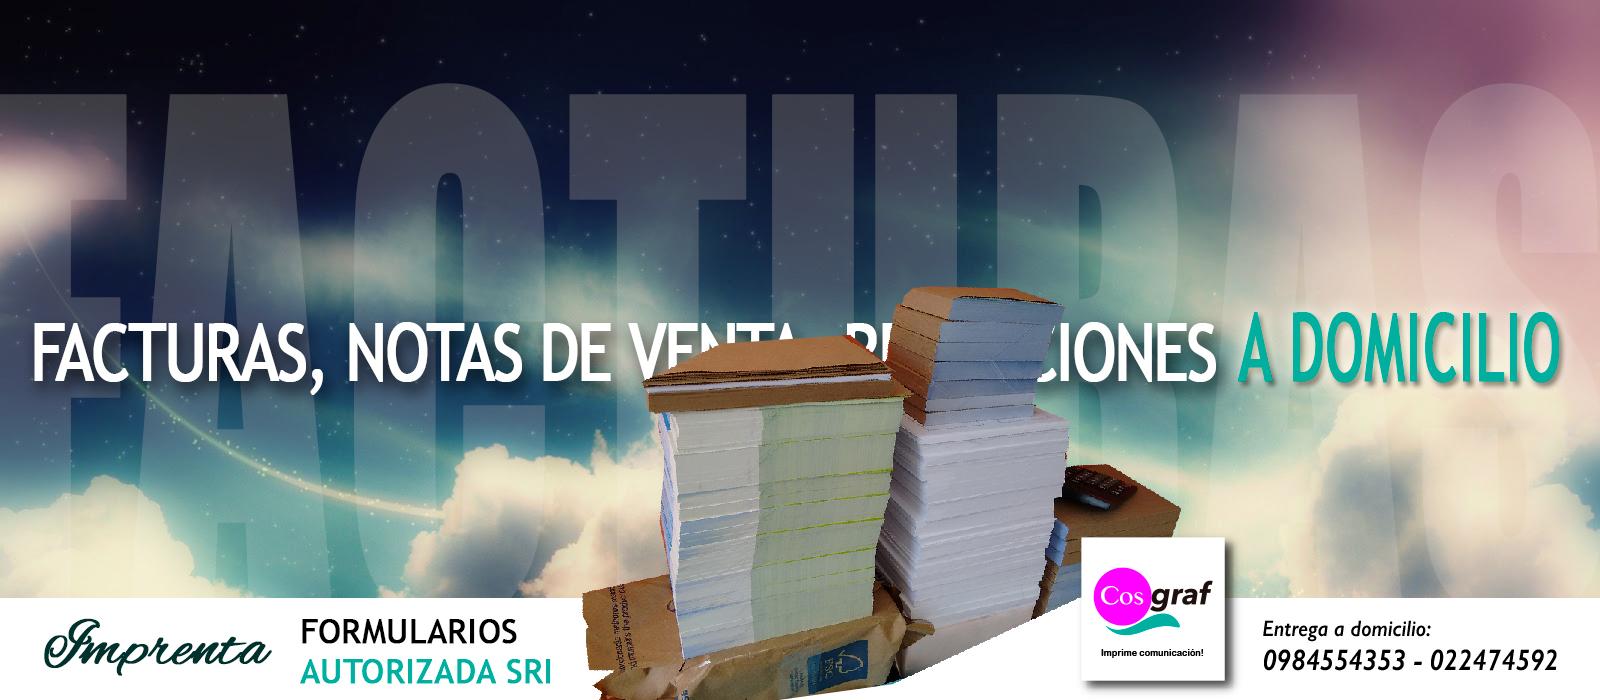 imprenta-quito-manteletas-servilletas-roll-up-facturas-libros-revistas-folletos-catalogos-sellos